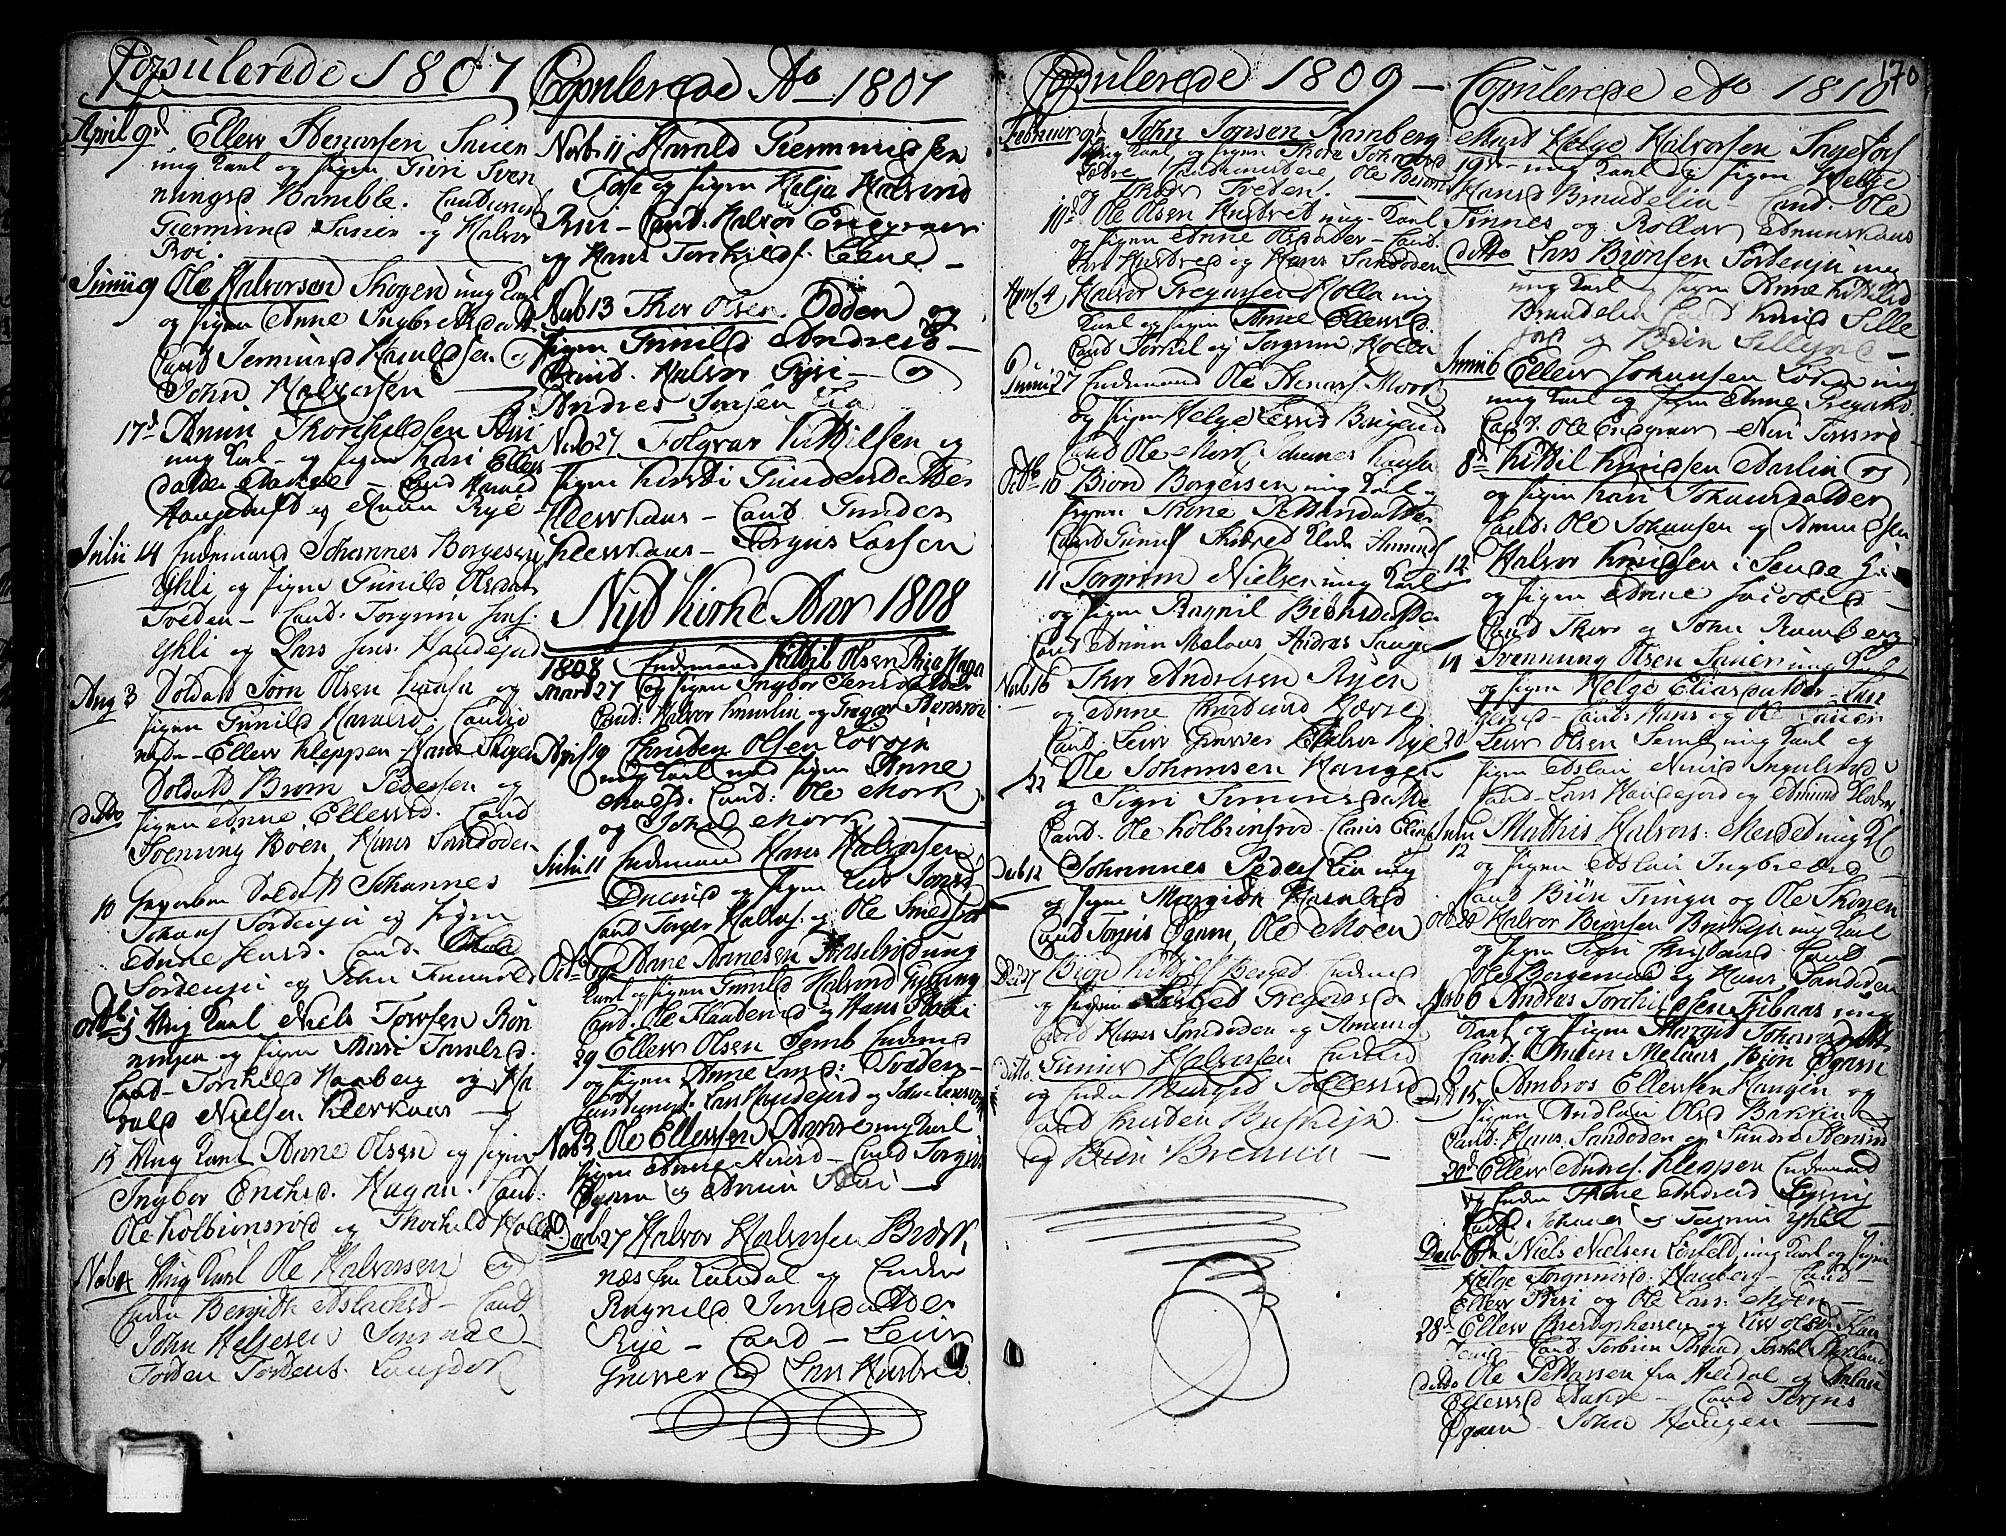 SAKO, Heddal kirkebøker, F/Fa/L0004: Ministerialbok nr. I 4, 1784-1814, s. 170